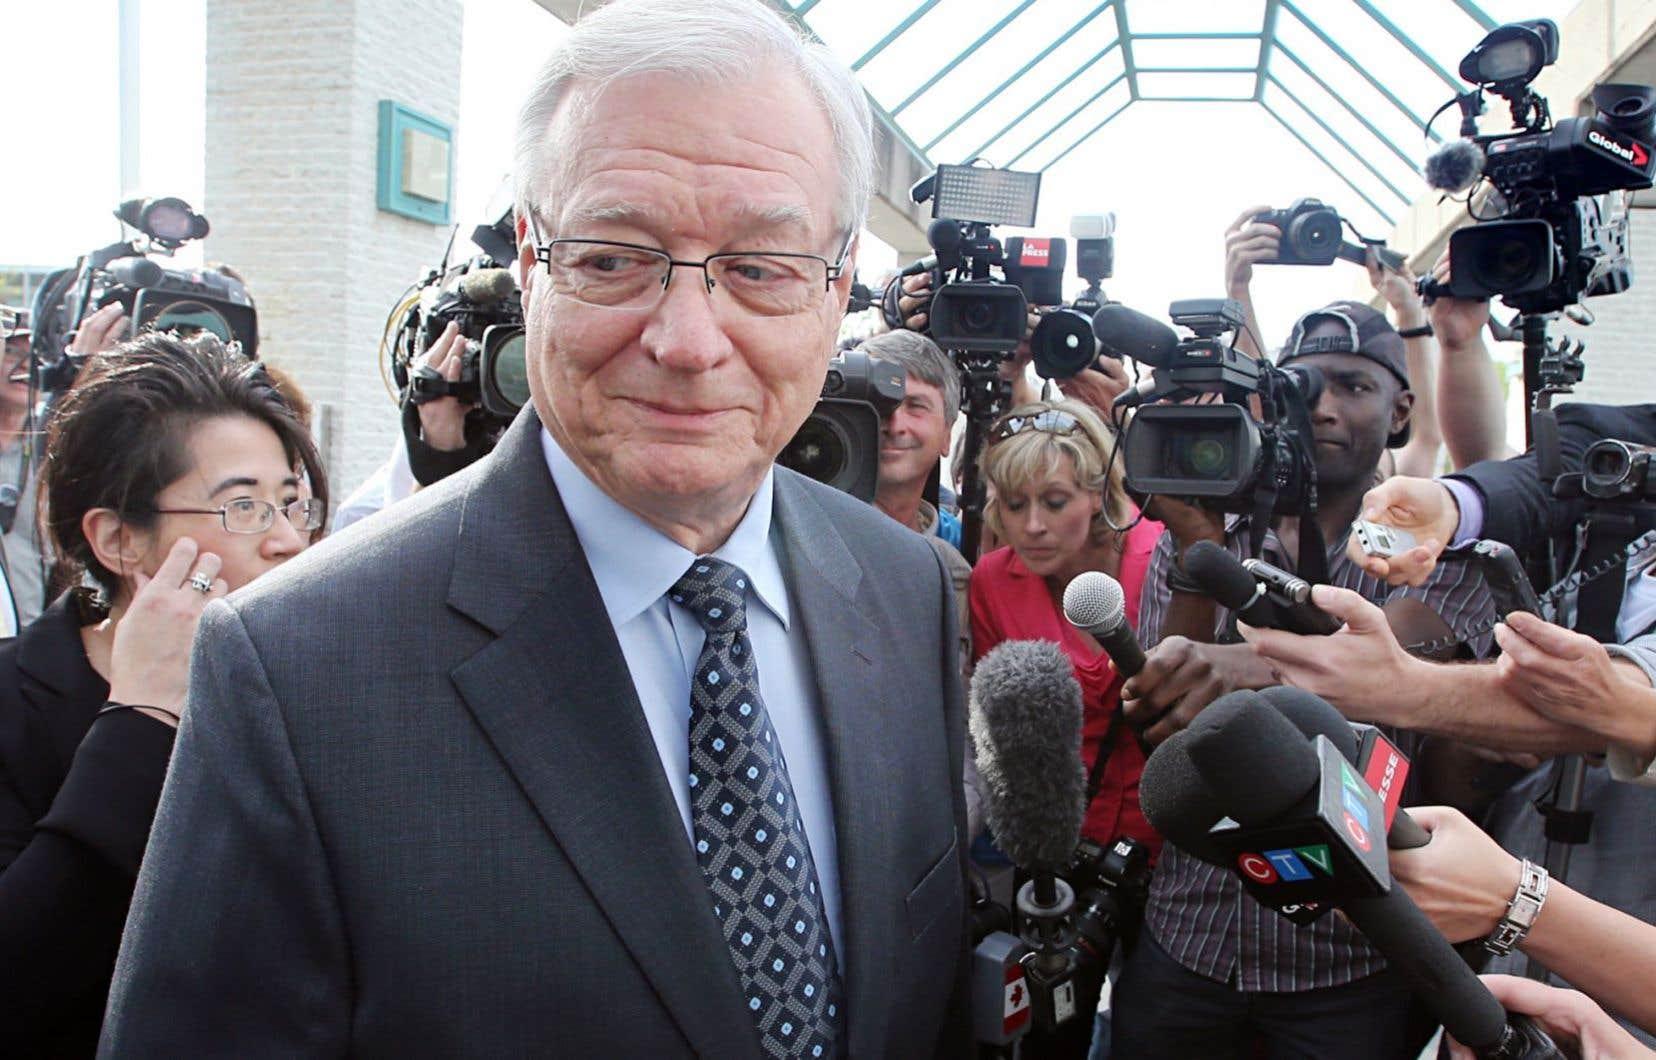 Une mêlée de presse lors de l'arrestation, par l'Unité permanente anticorruption (UPAC), de l'ancien maire de Laval Gilles Vaillancourt, à sa sortie du palais de justice lavallois le 10 mai 2013.